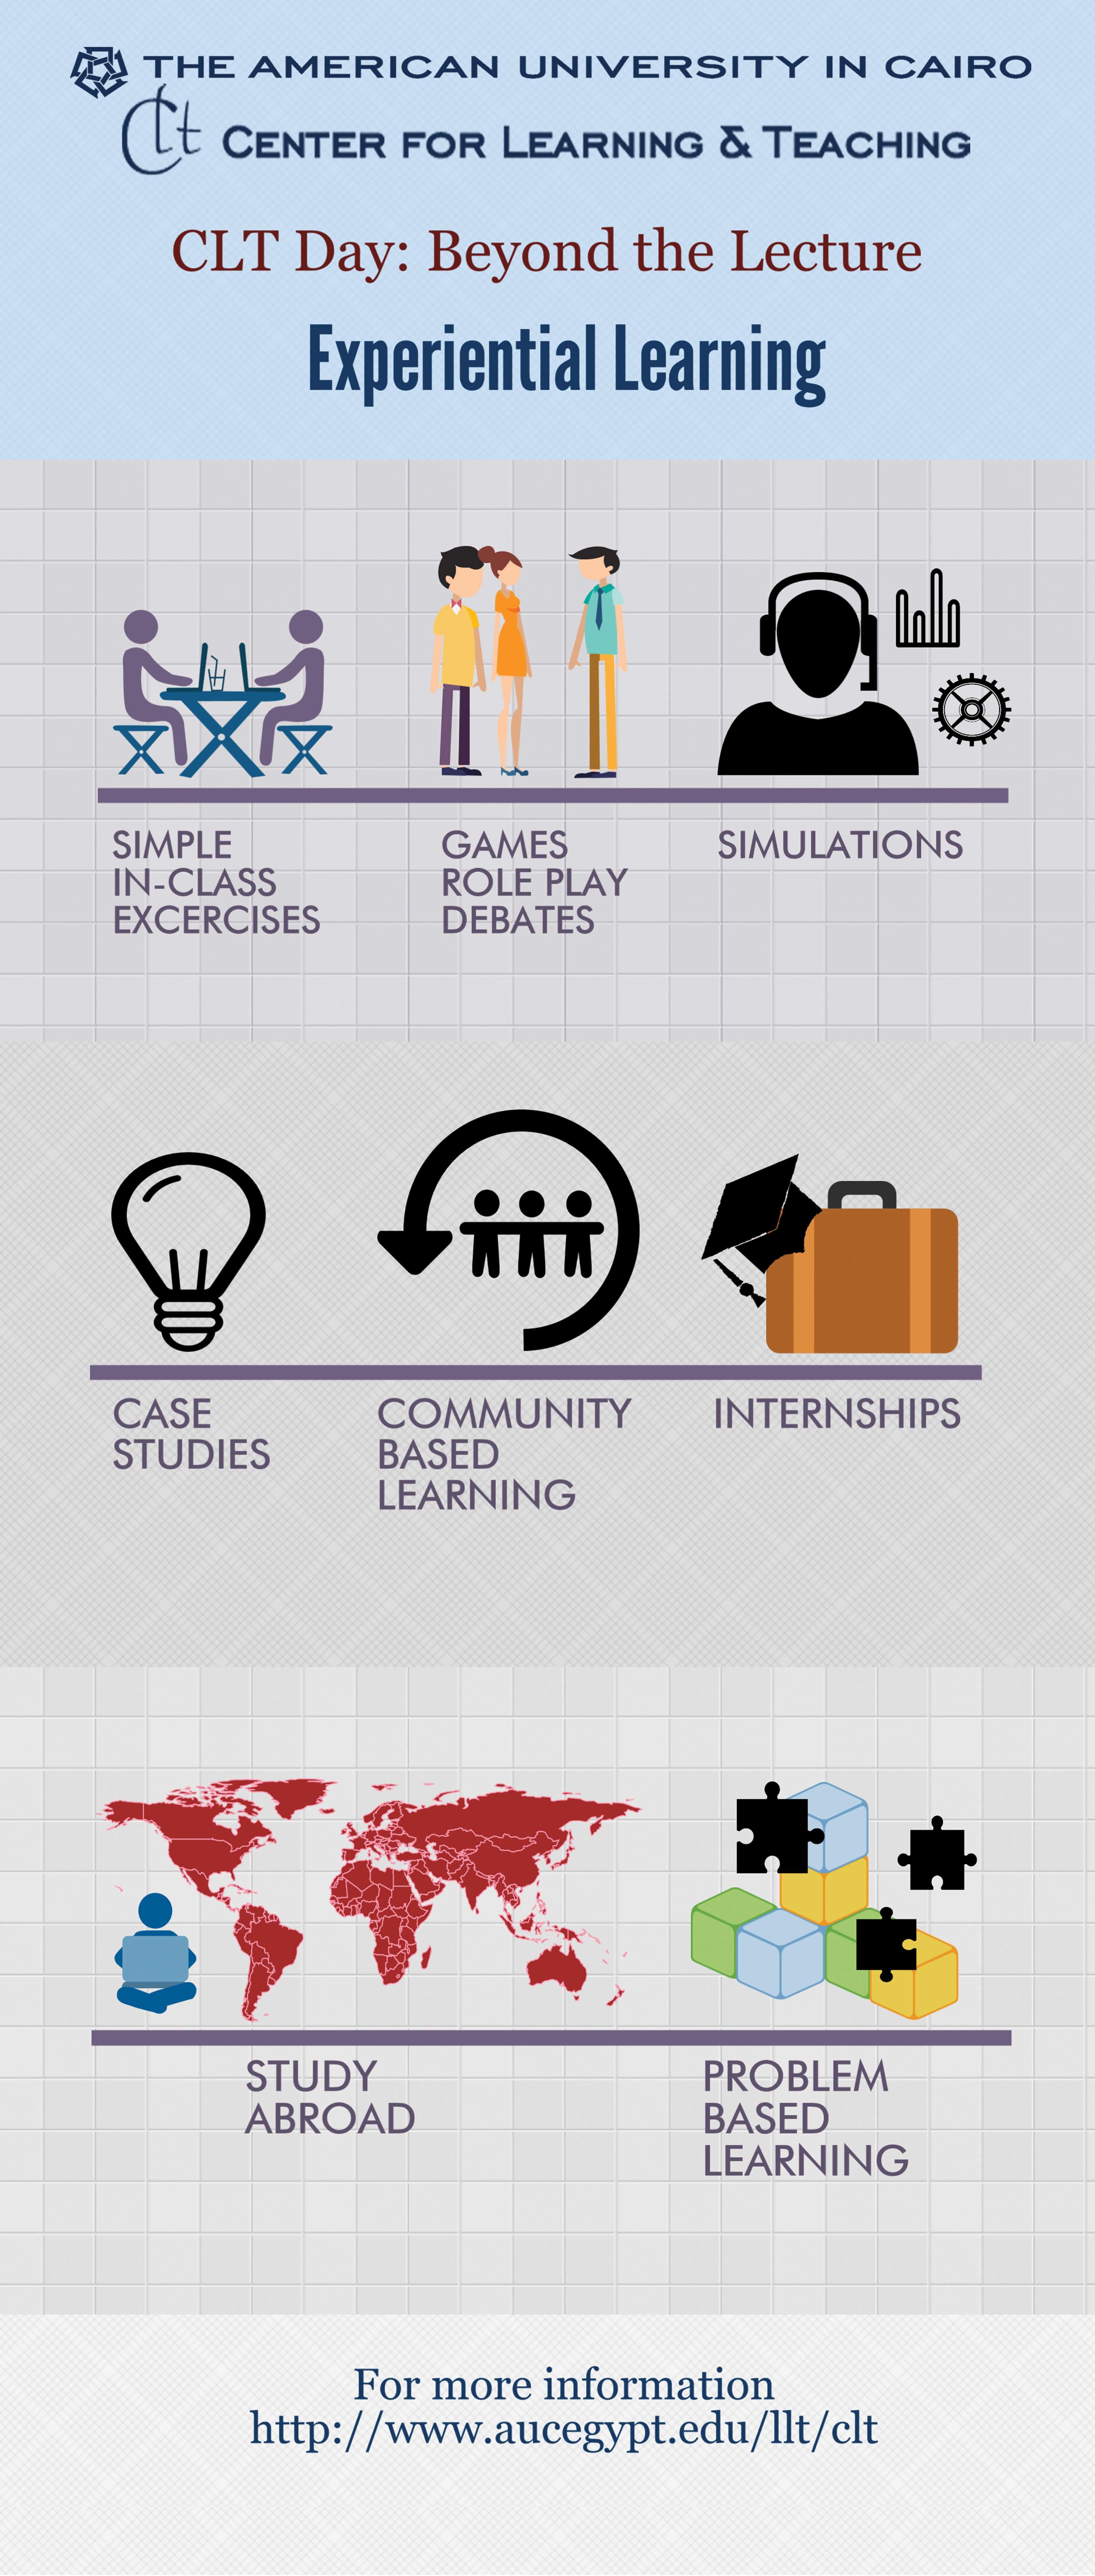 ebook Themen der Rechten — Themen der Mitte: Zuwanderung, demografischer Wandel und